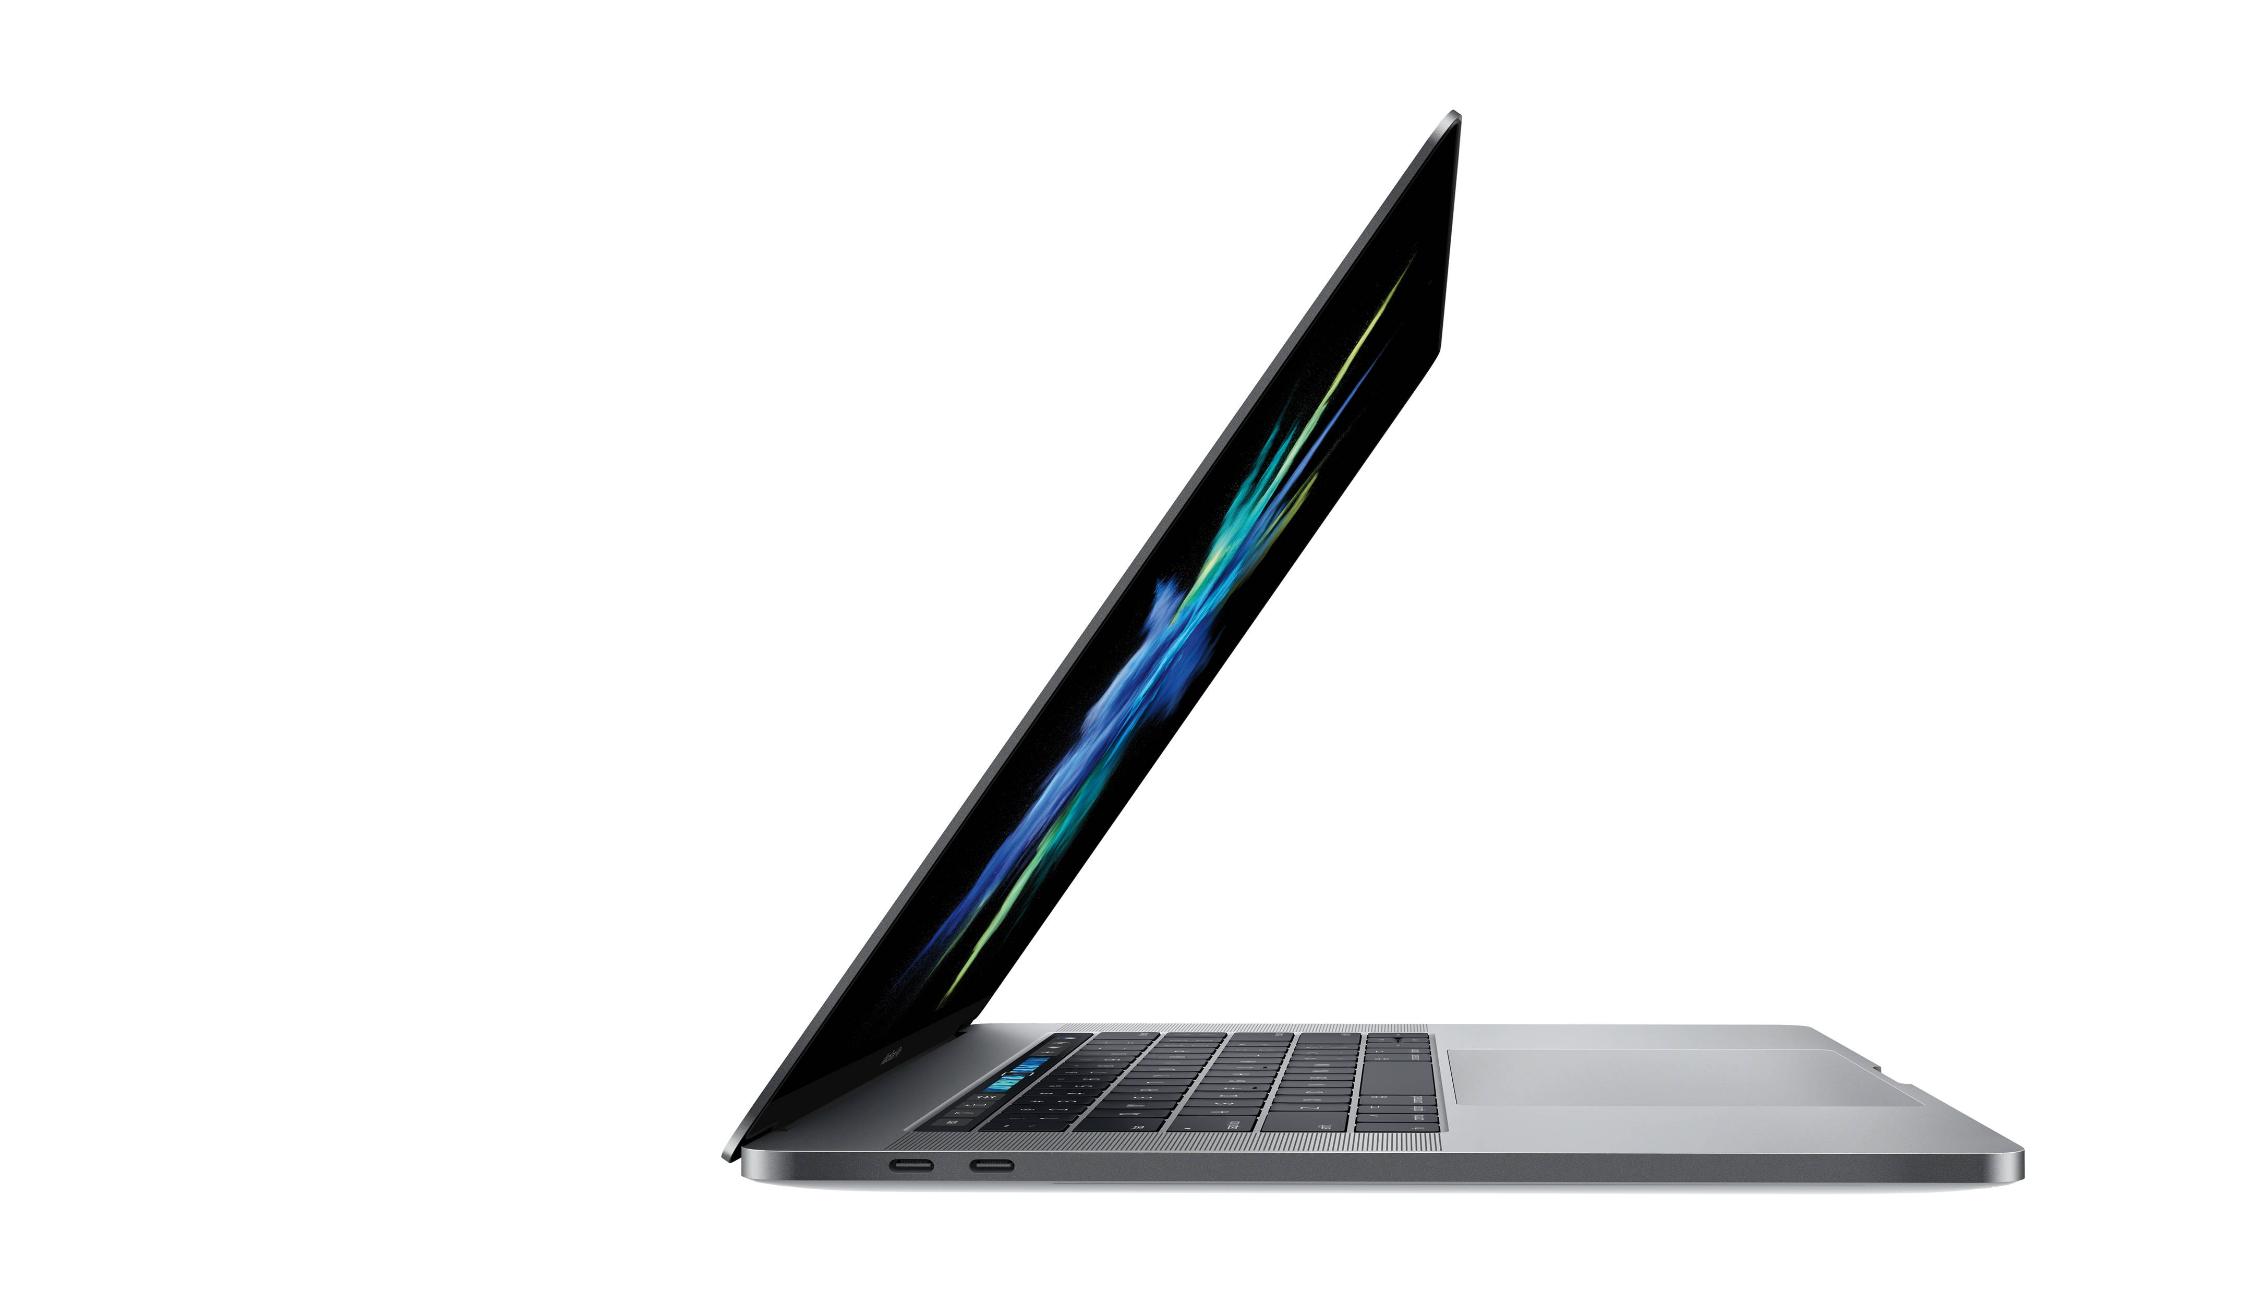 MacBook Pro (15-inch, 2017)